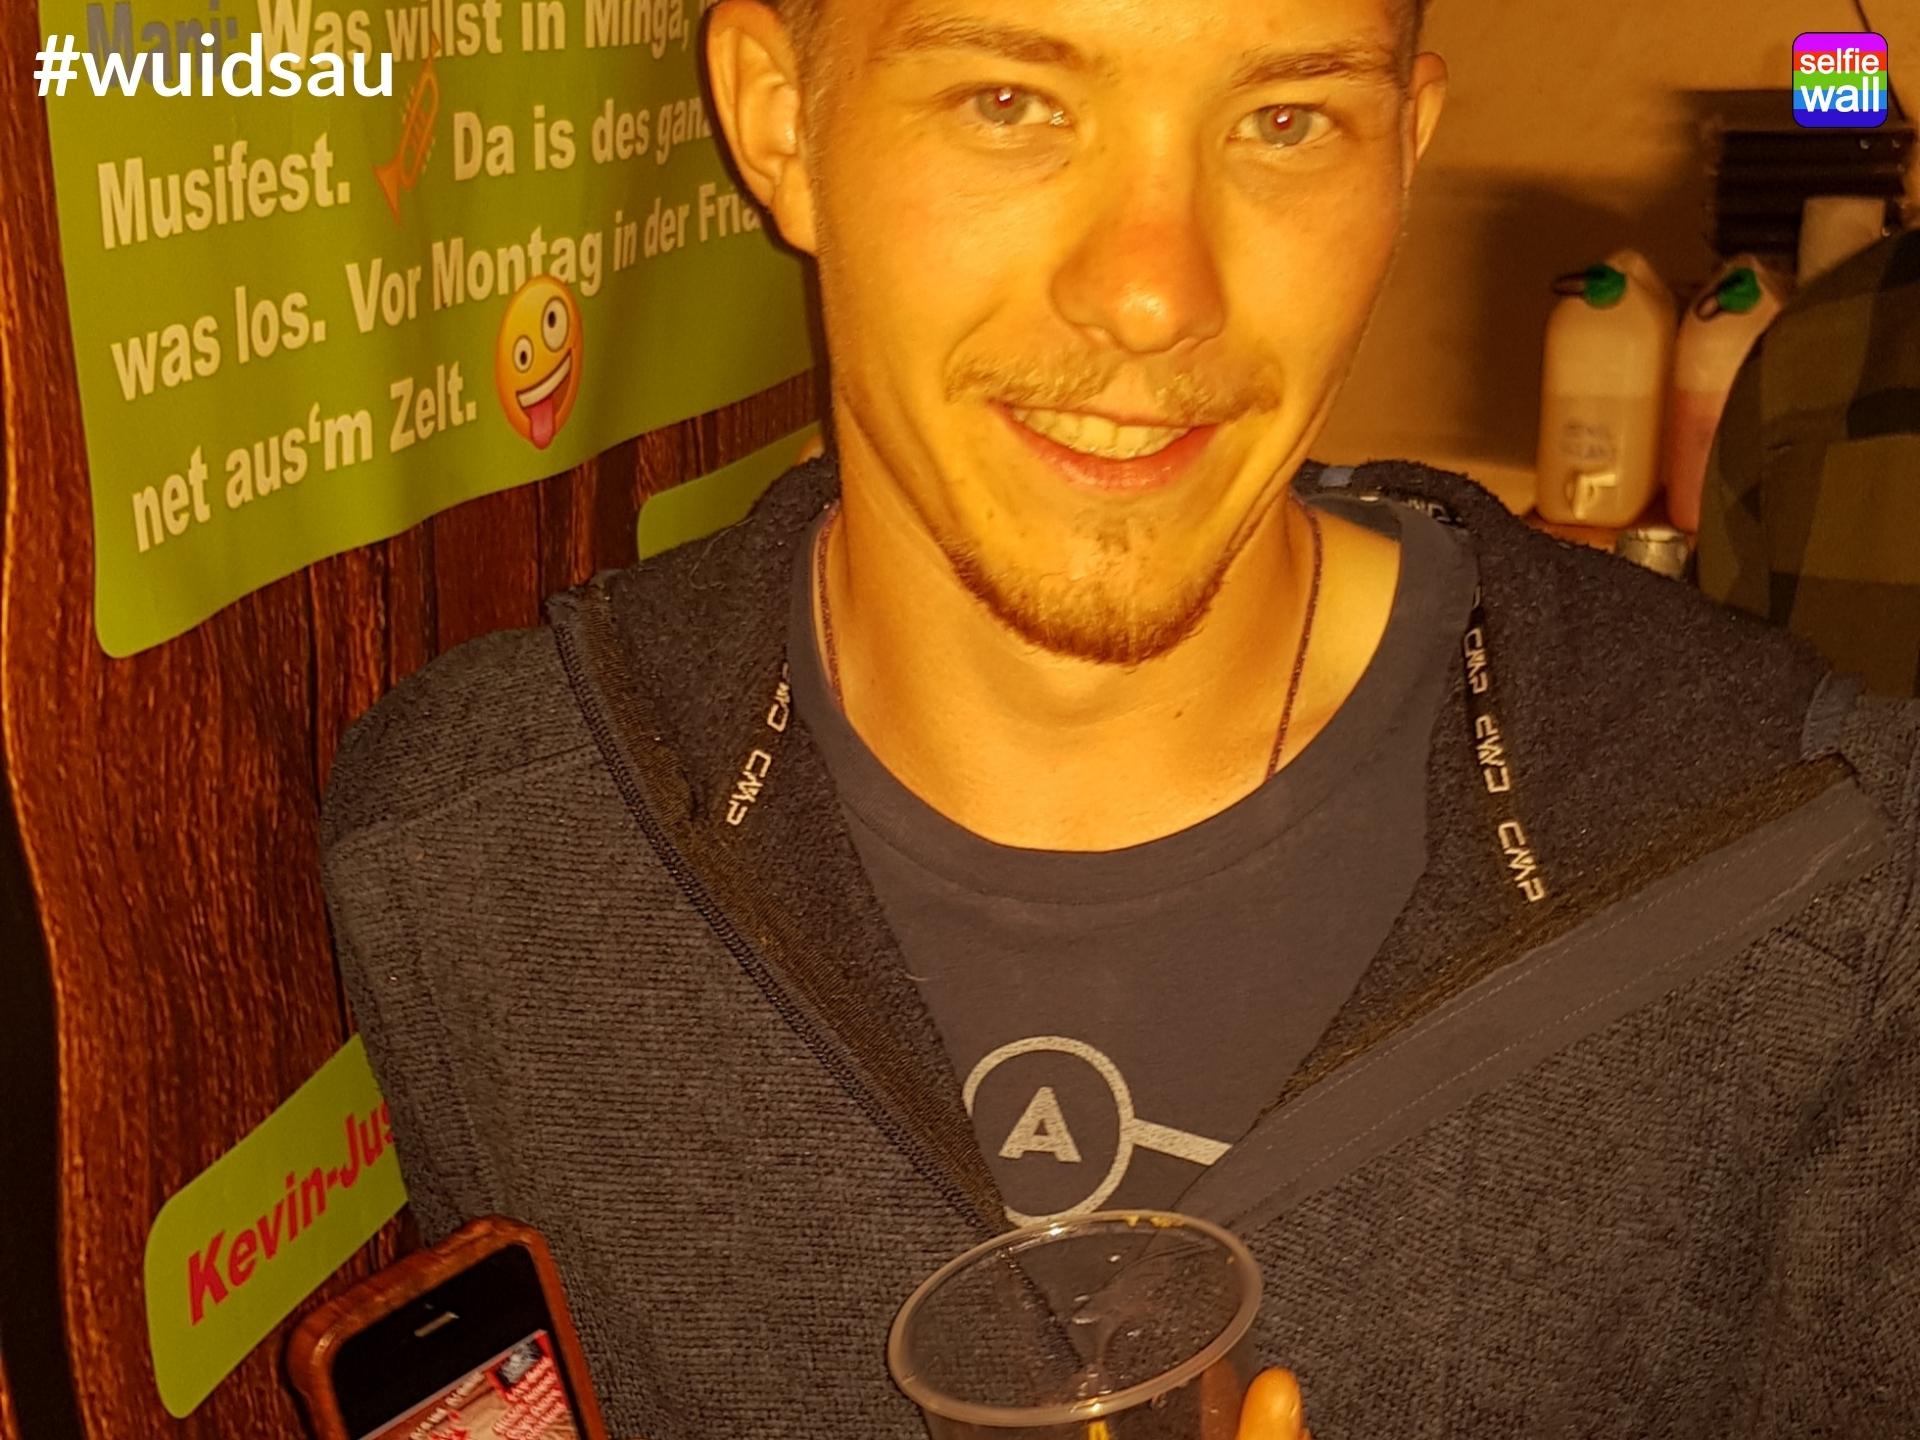 Selfiewall_WSP2019 (31)